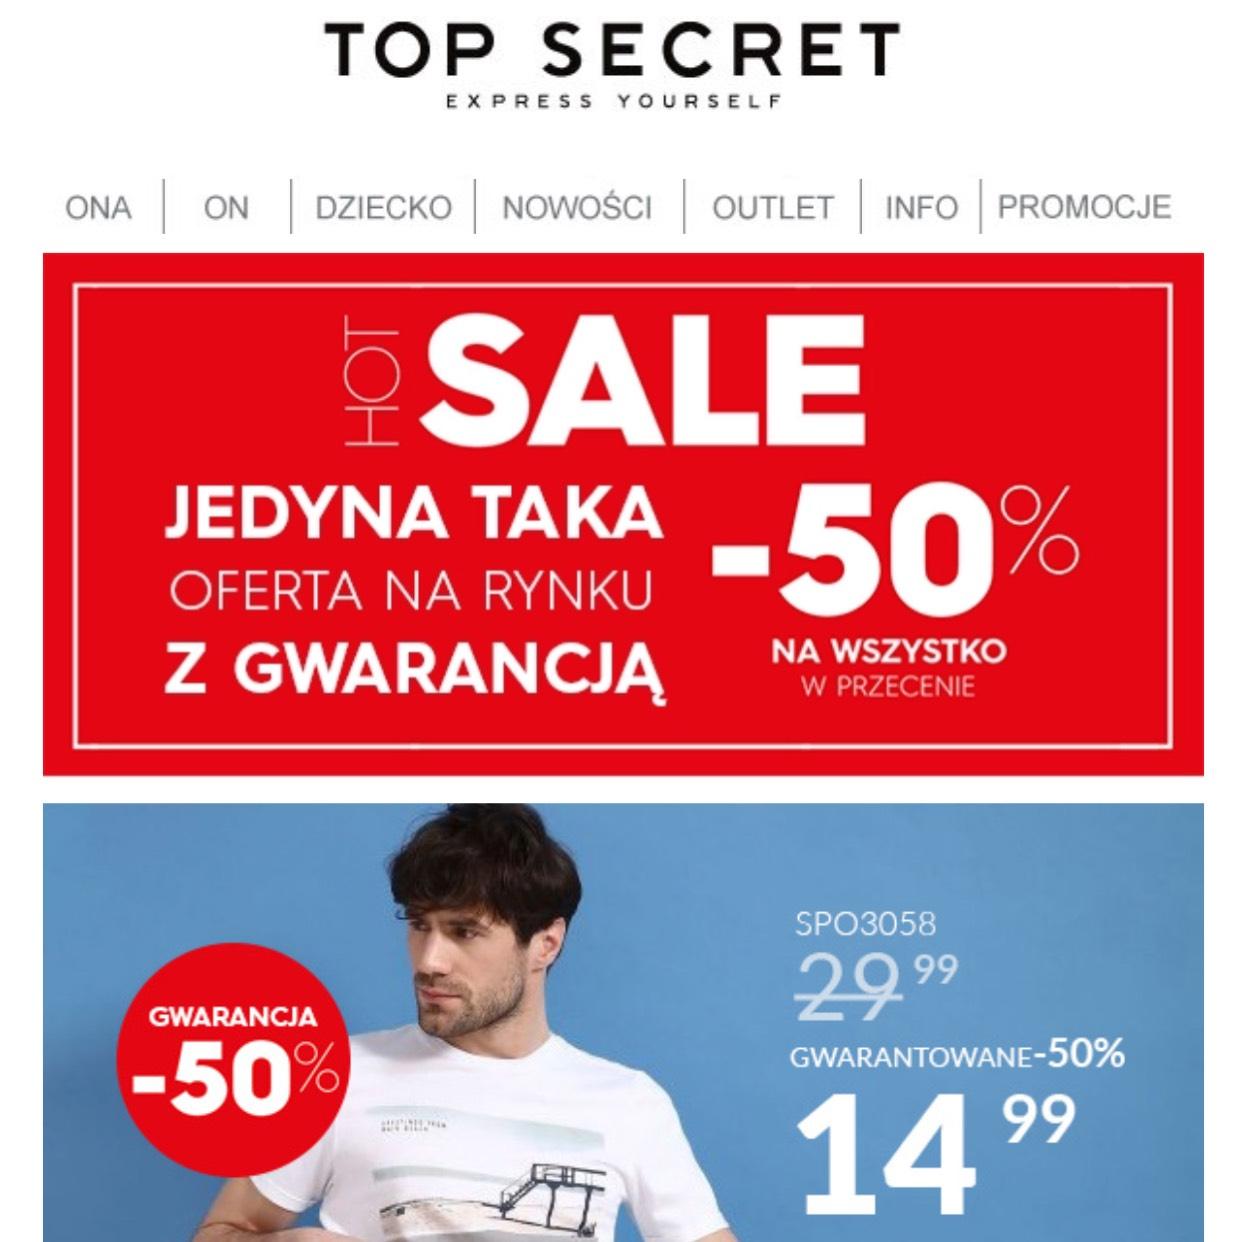 -50% na wszystko w przecenie TopSecret